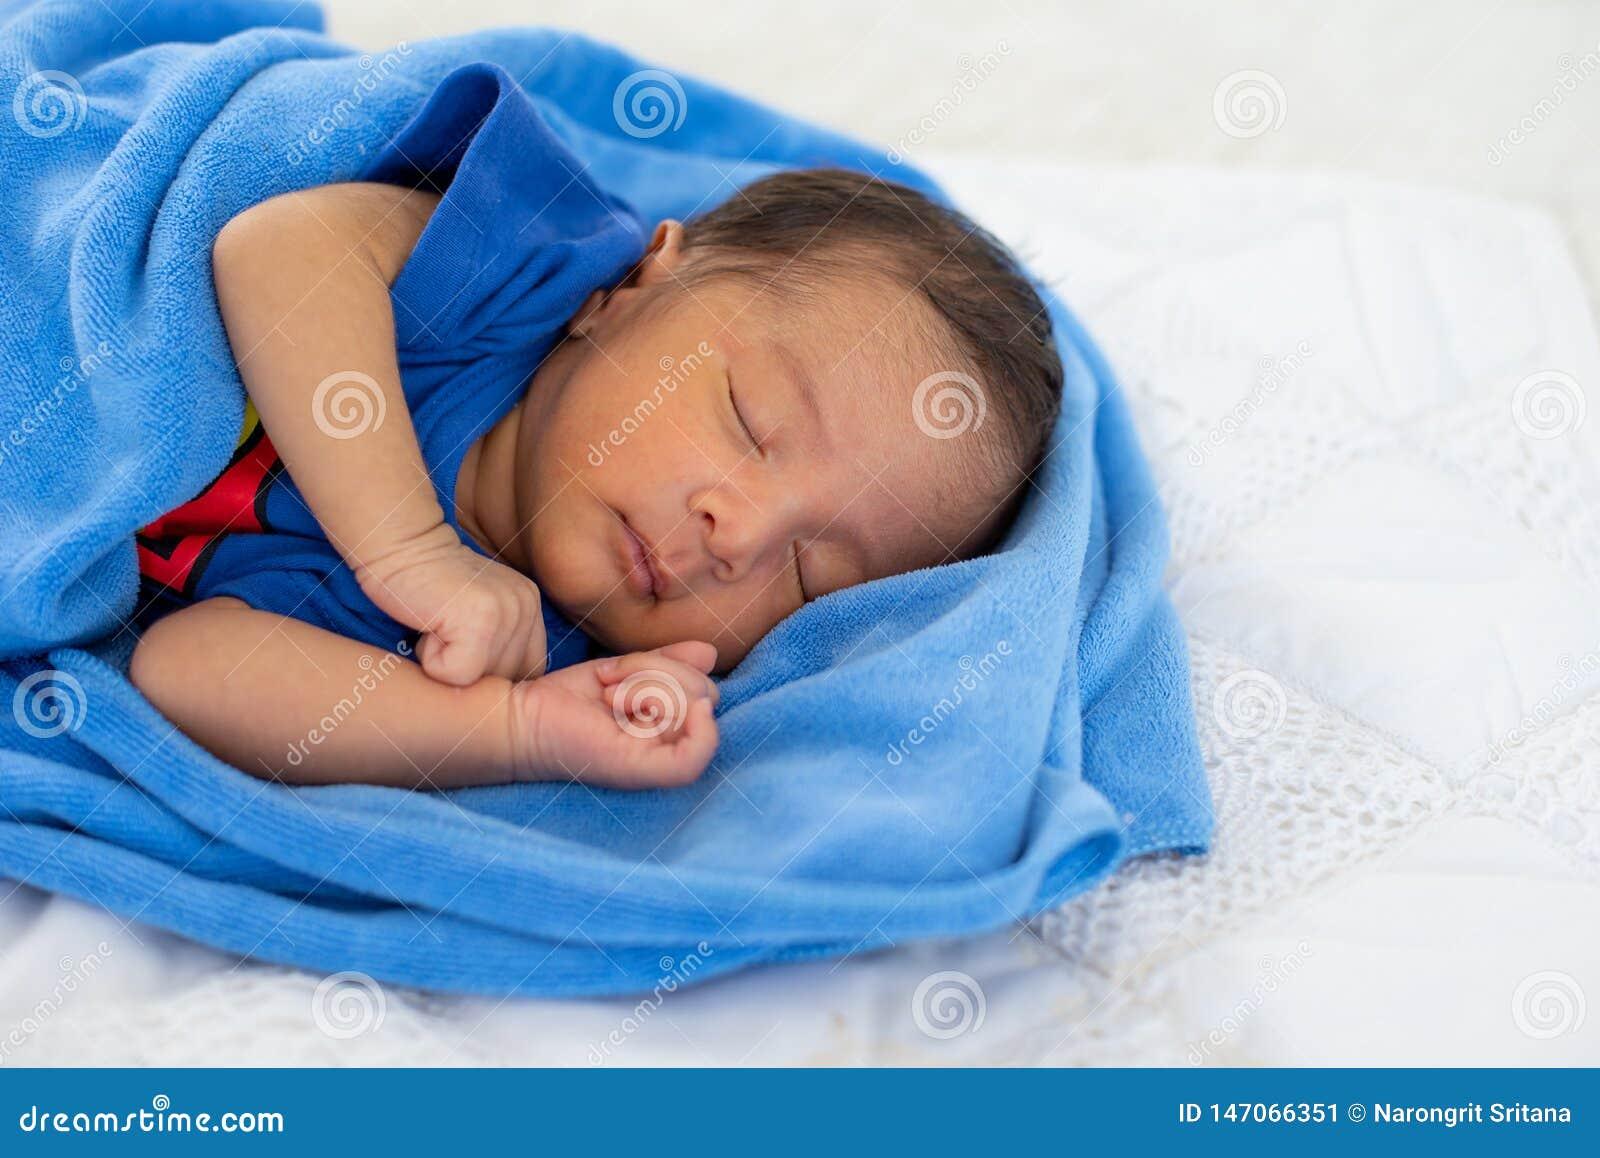 Il punto di vista alto vicino di giovane neonato asiatico sta dormendo con l asciugamano blu sul letto bianco nella camera da let